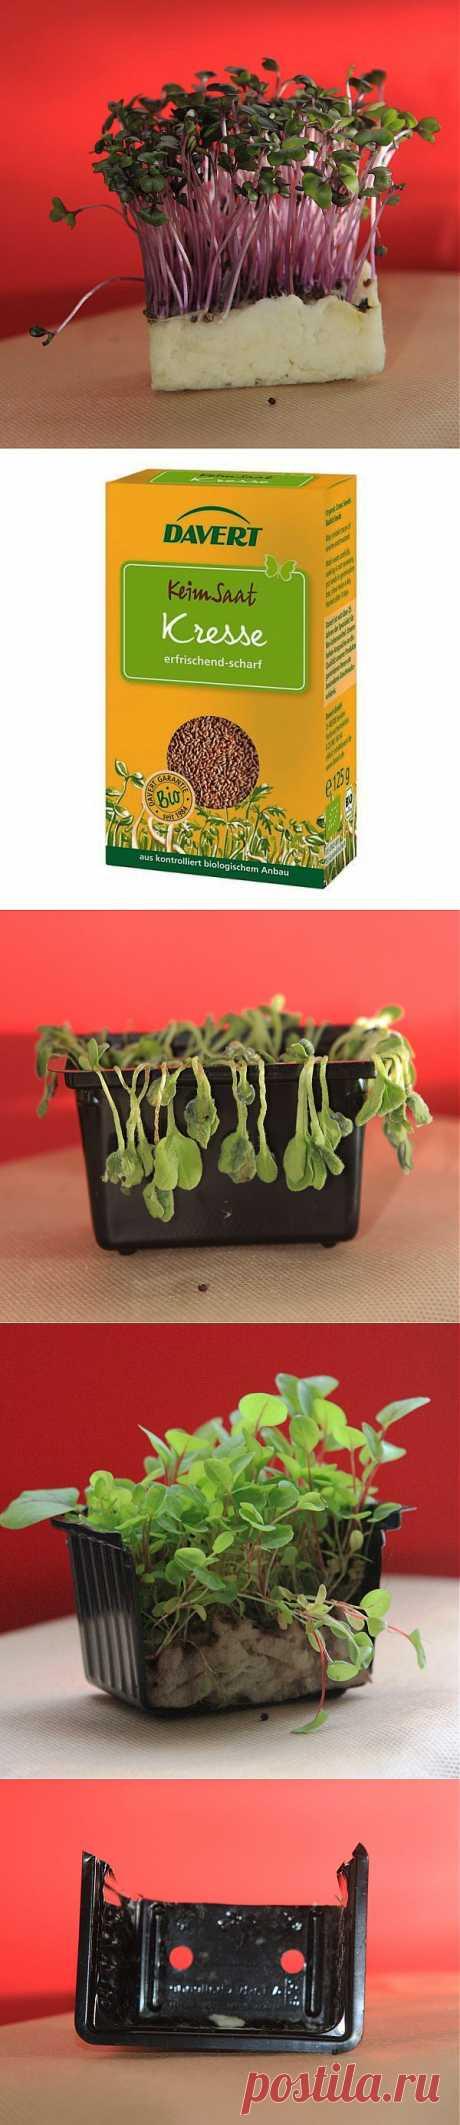 Как легко и быстро вырастить кресс-салат на подоконнике.  Кресс-салат нетребователен к свету, я бы даже сказал, — тенелюбив. Его даже можно растить в кухонном шкафу, чтобы ваши домашние животные до него не добрались (привет тебе, мой милый котик!Кресс-салат — однолетнее растение, семена его похожи на семена горчицы. Он быстро растет,а употреблять его в пищу надо, когда он достигает в высоту 8-10 см. Очень важно, чтобы субстрат был всегда увлажнен.